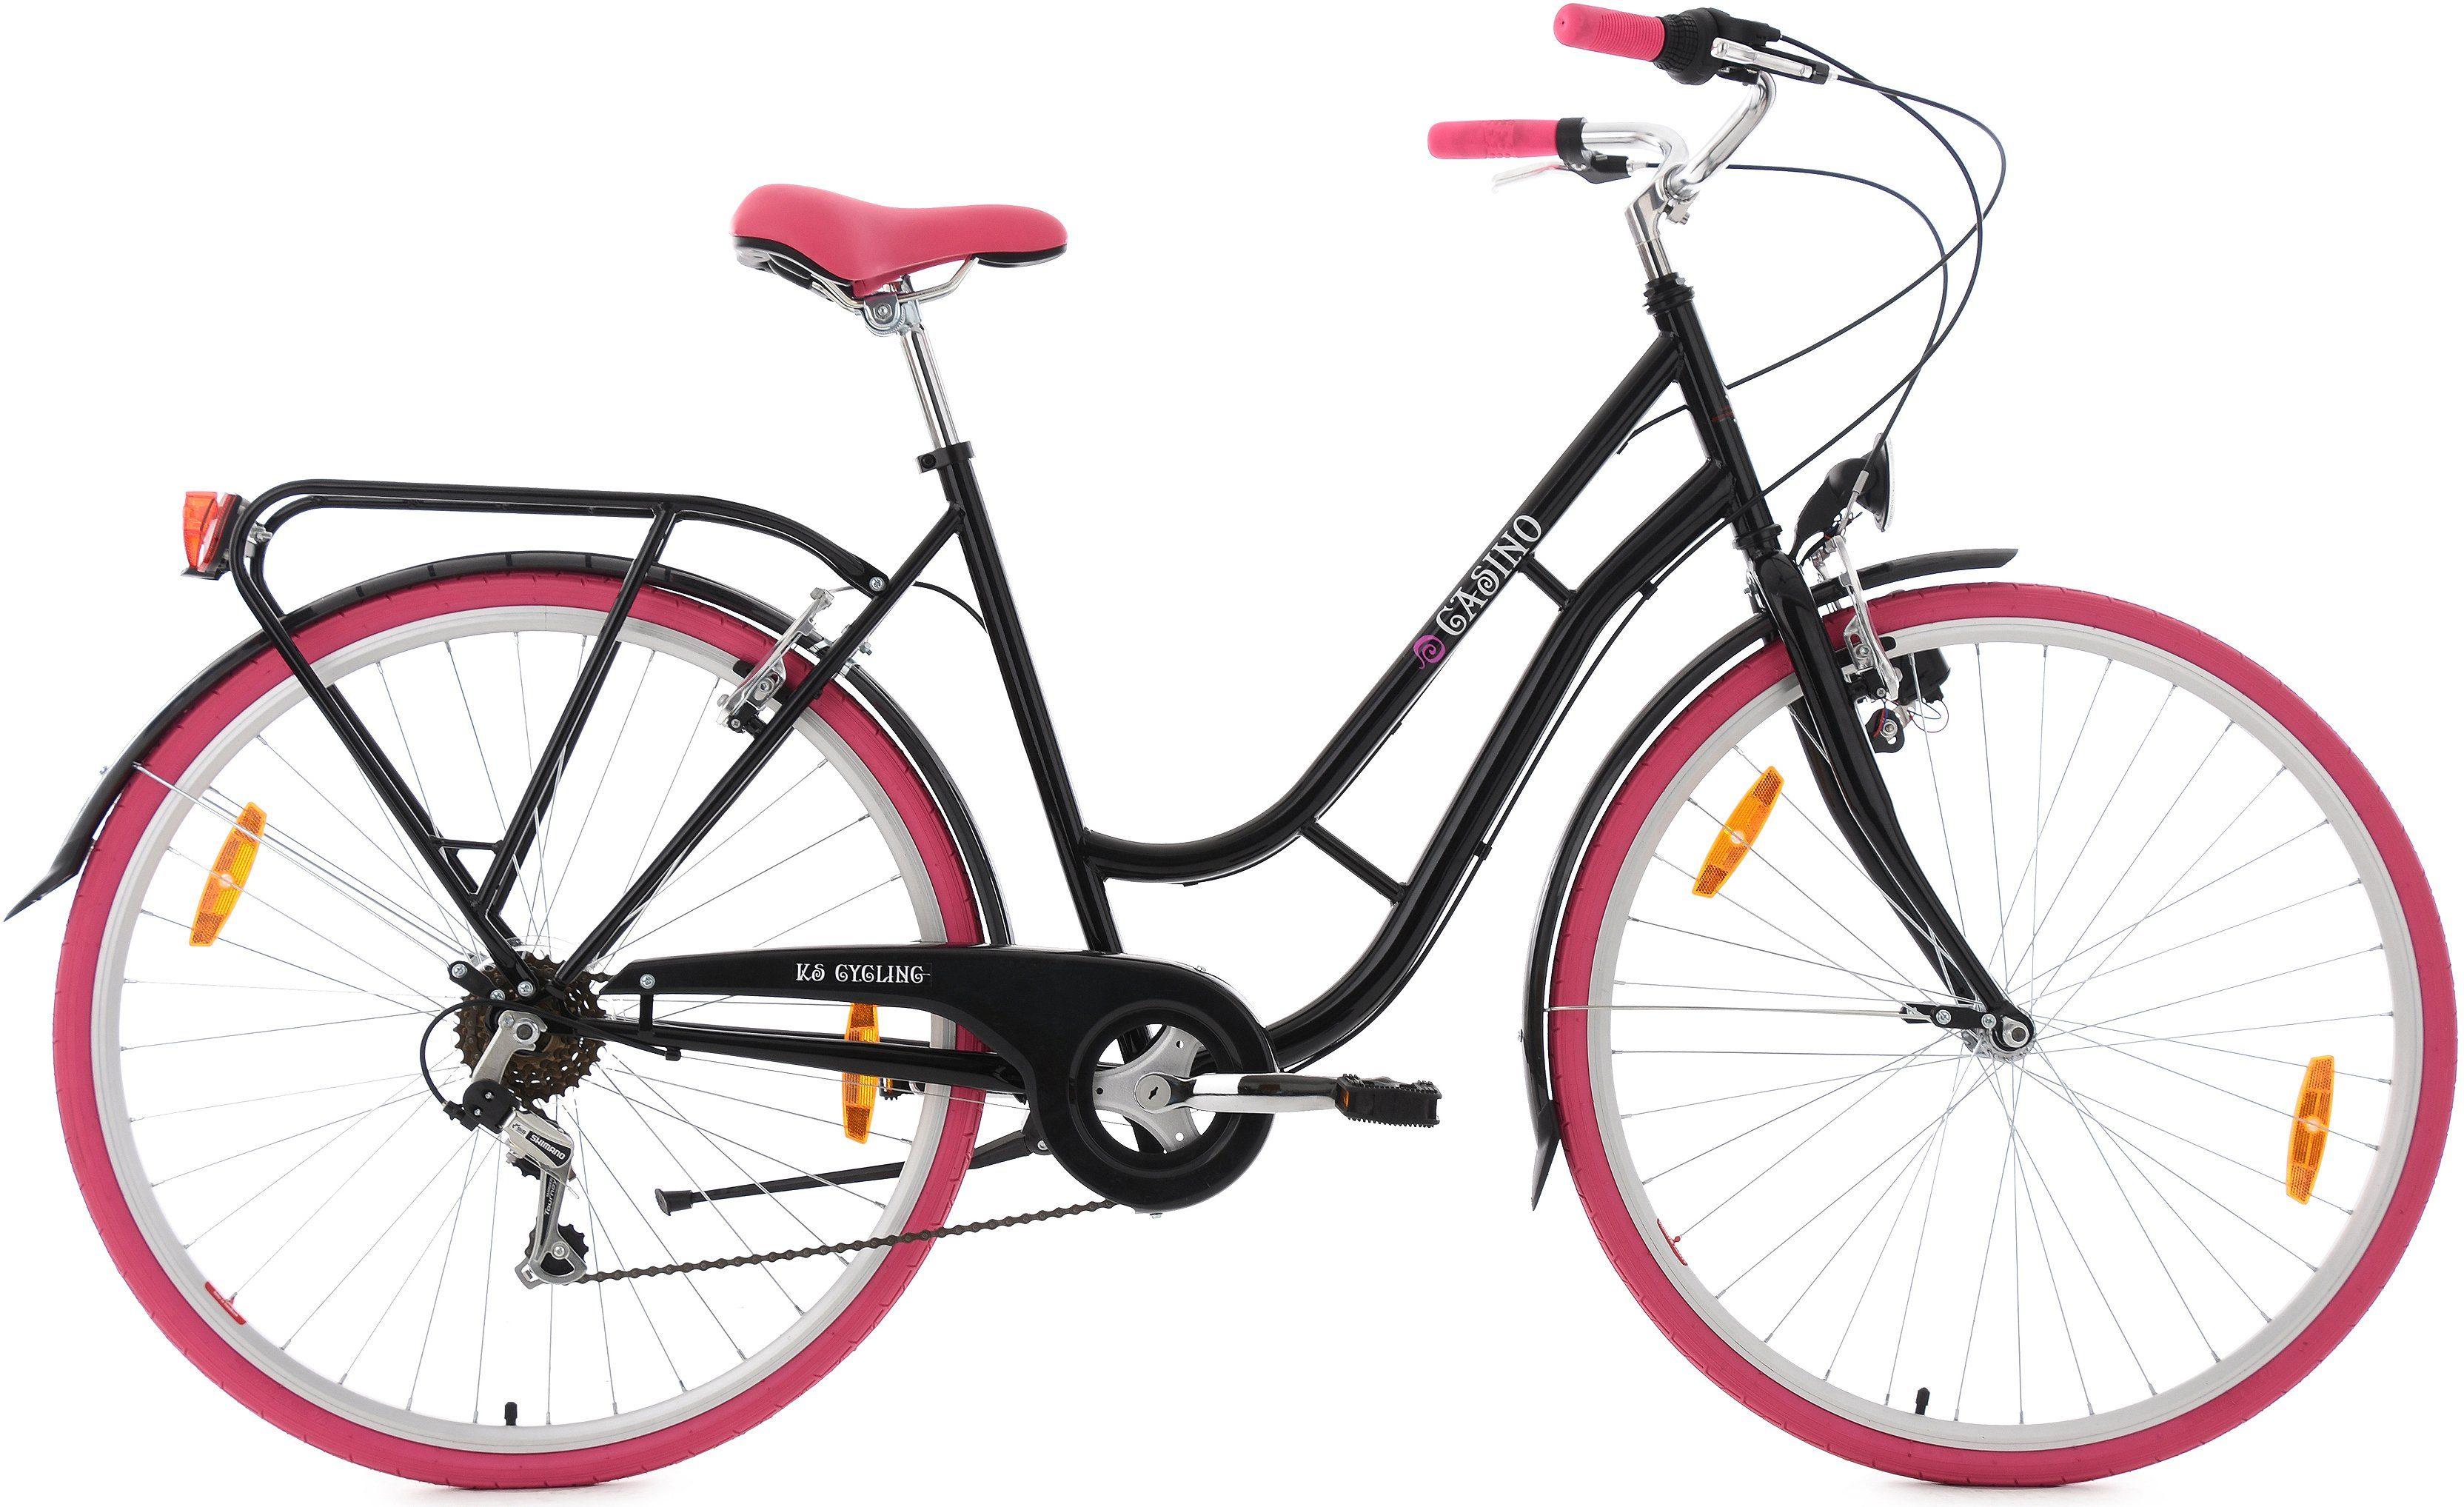 KS Cycling Damen-Cityrad, 28 Zoll, 6 Gang Shimano-Tourney-Kettenschaltung, »Casino«